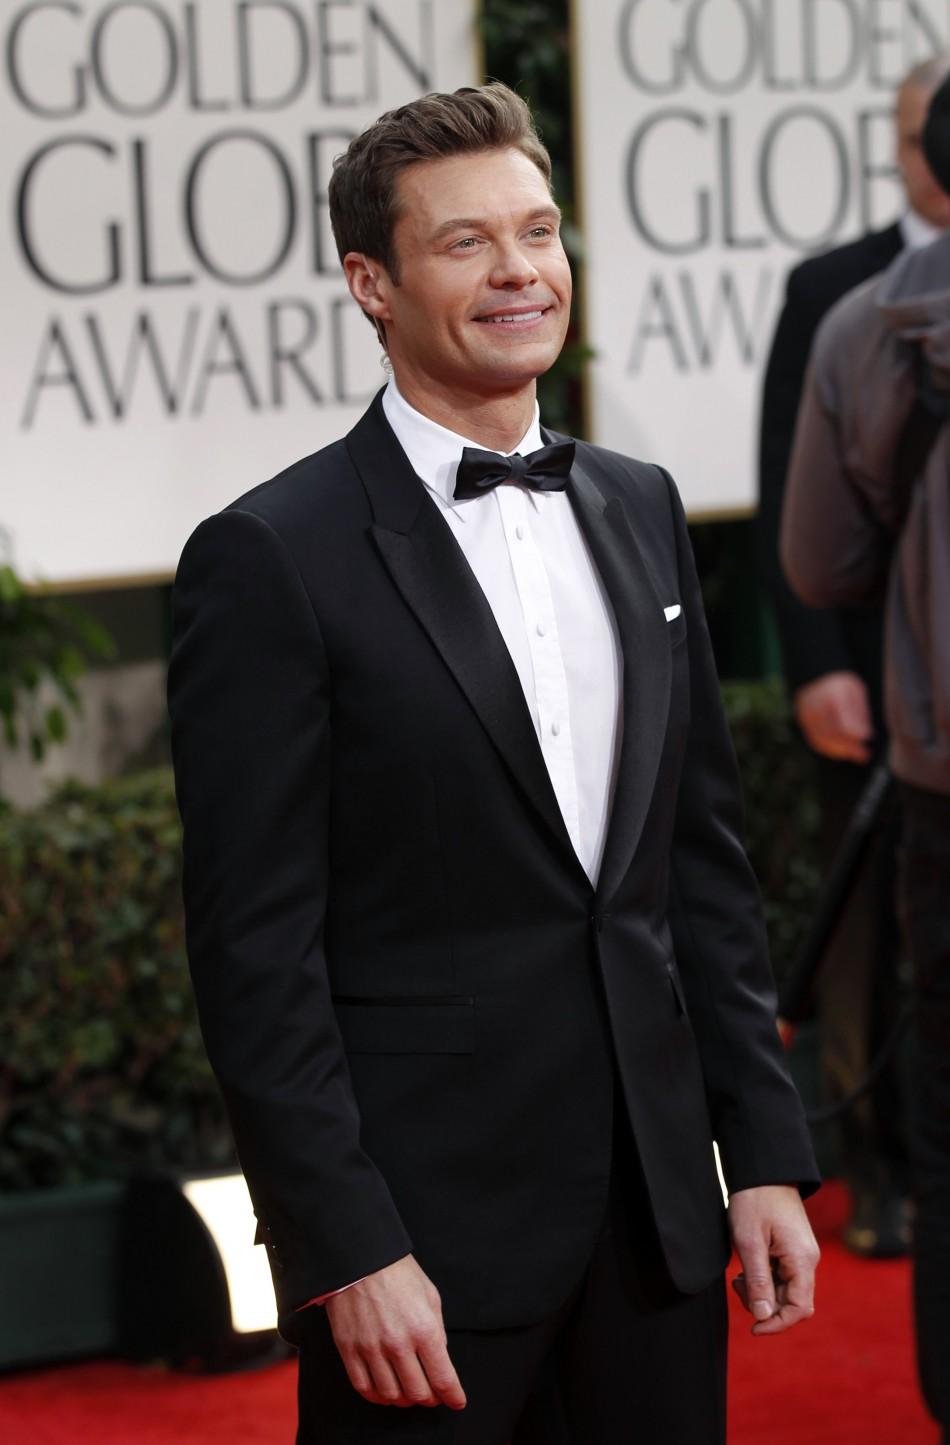 Ryan Seacrest on the red carpet